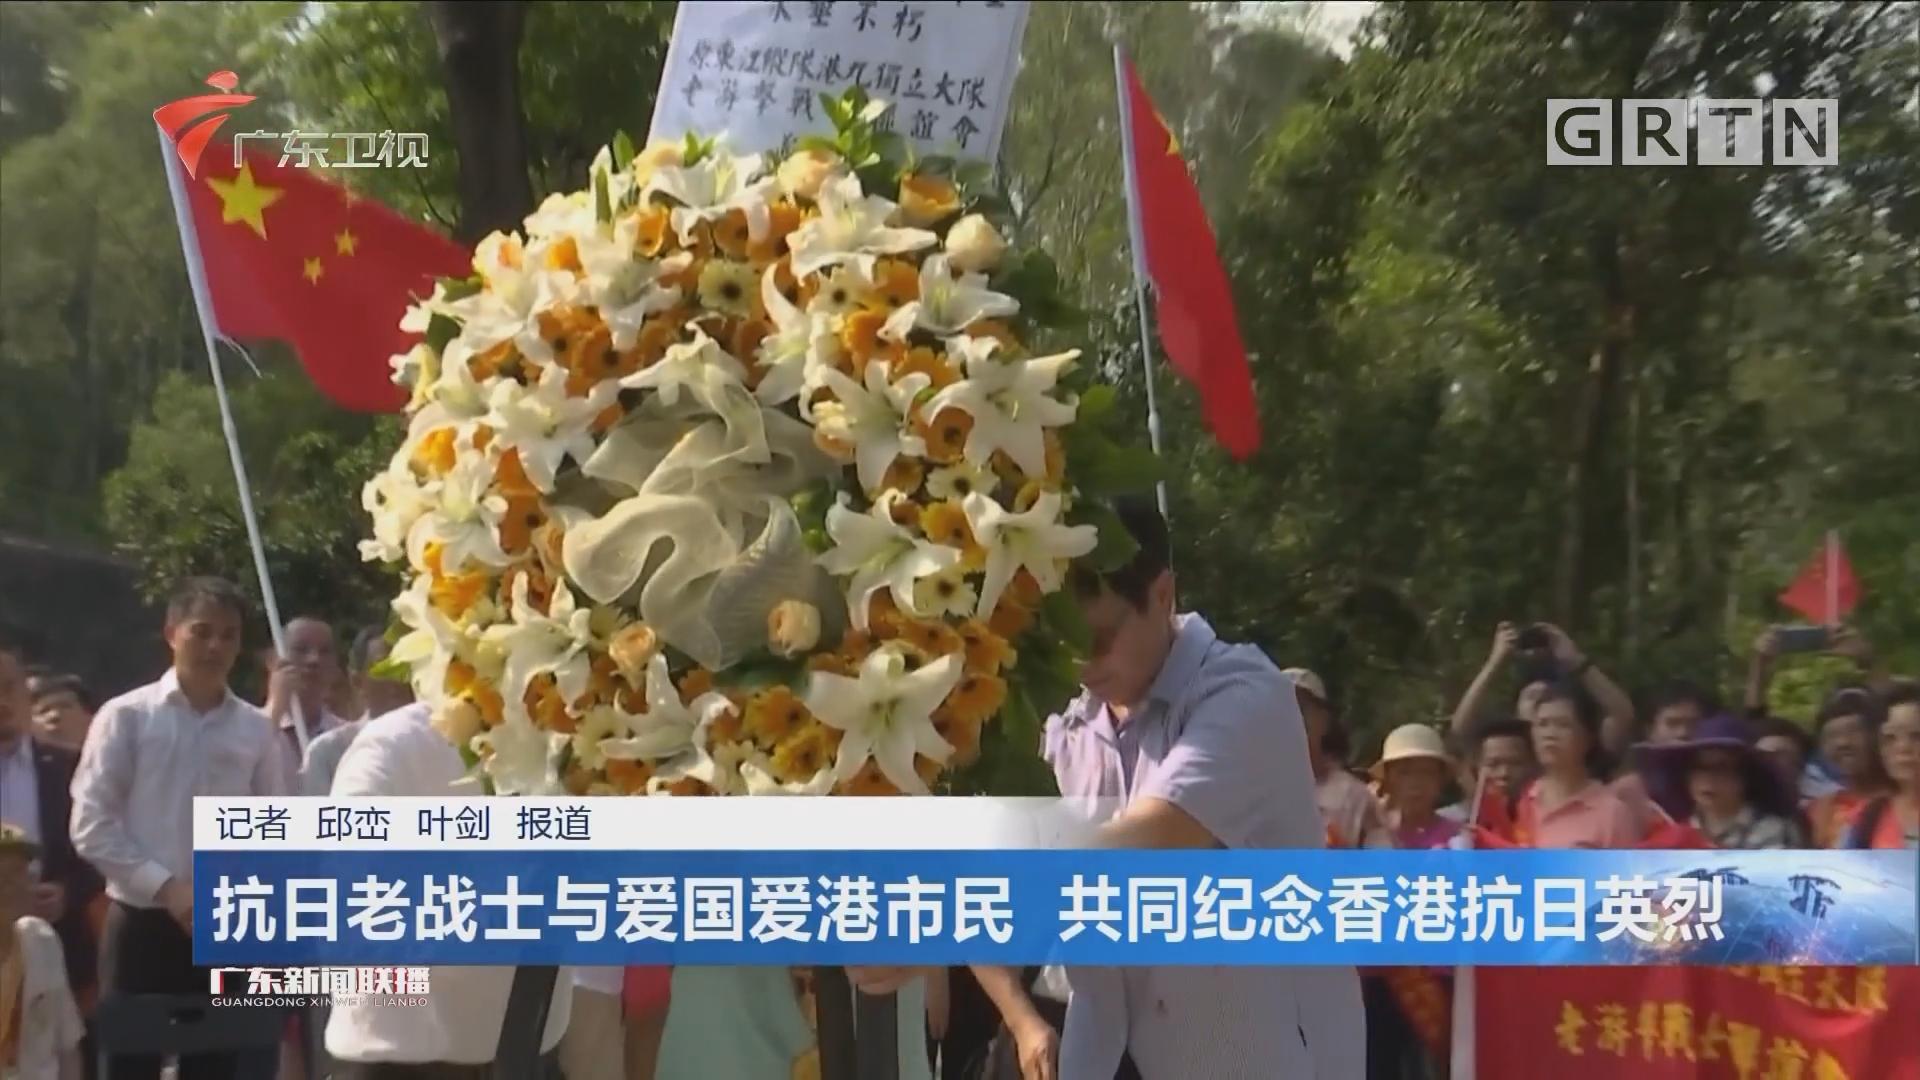 抗日老战士与爱国爱港市民 共同纪念香港抗日英烈